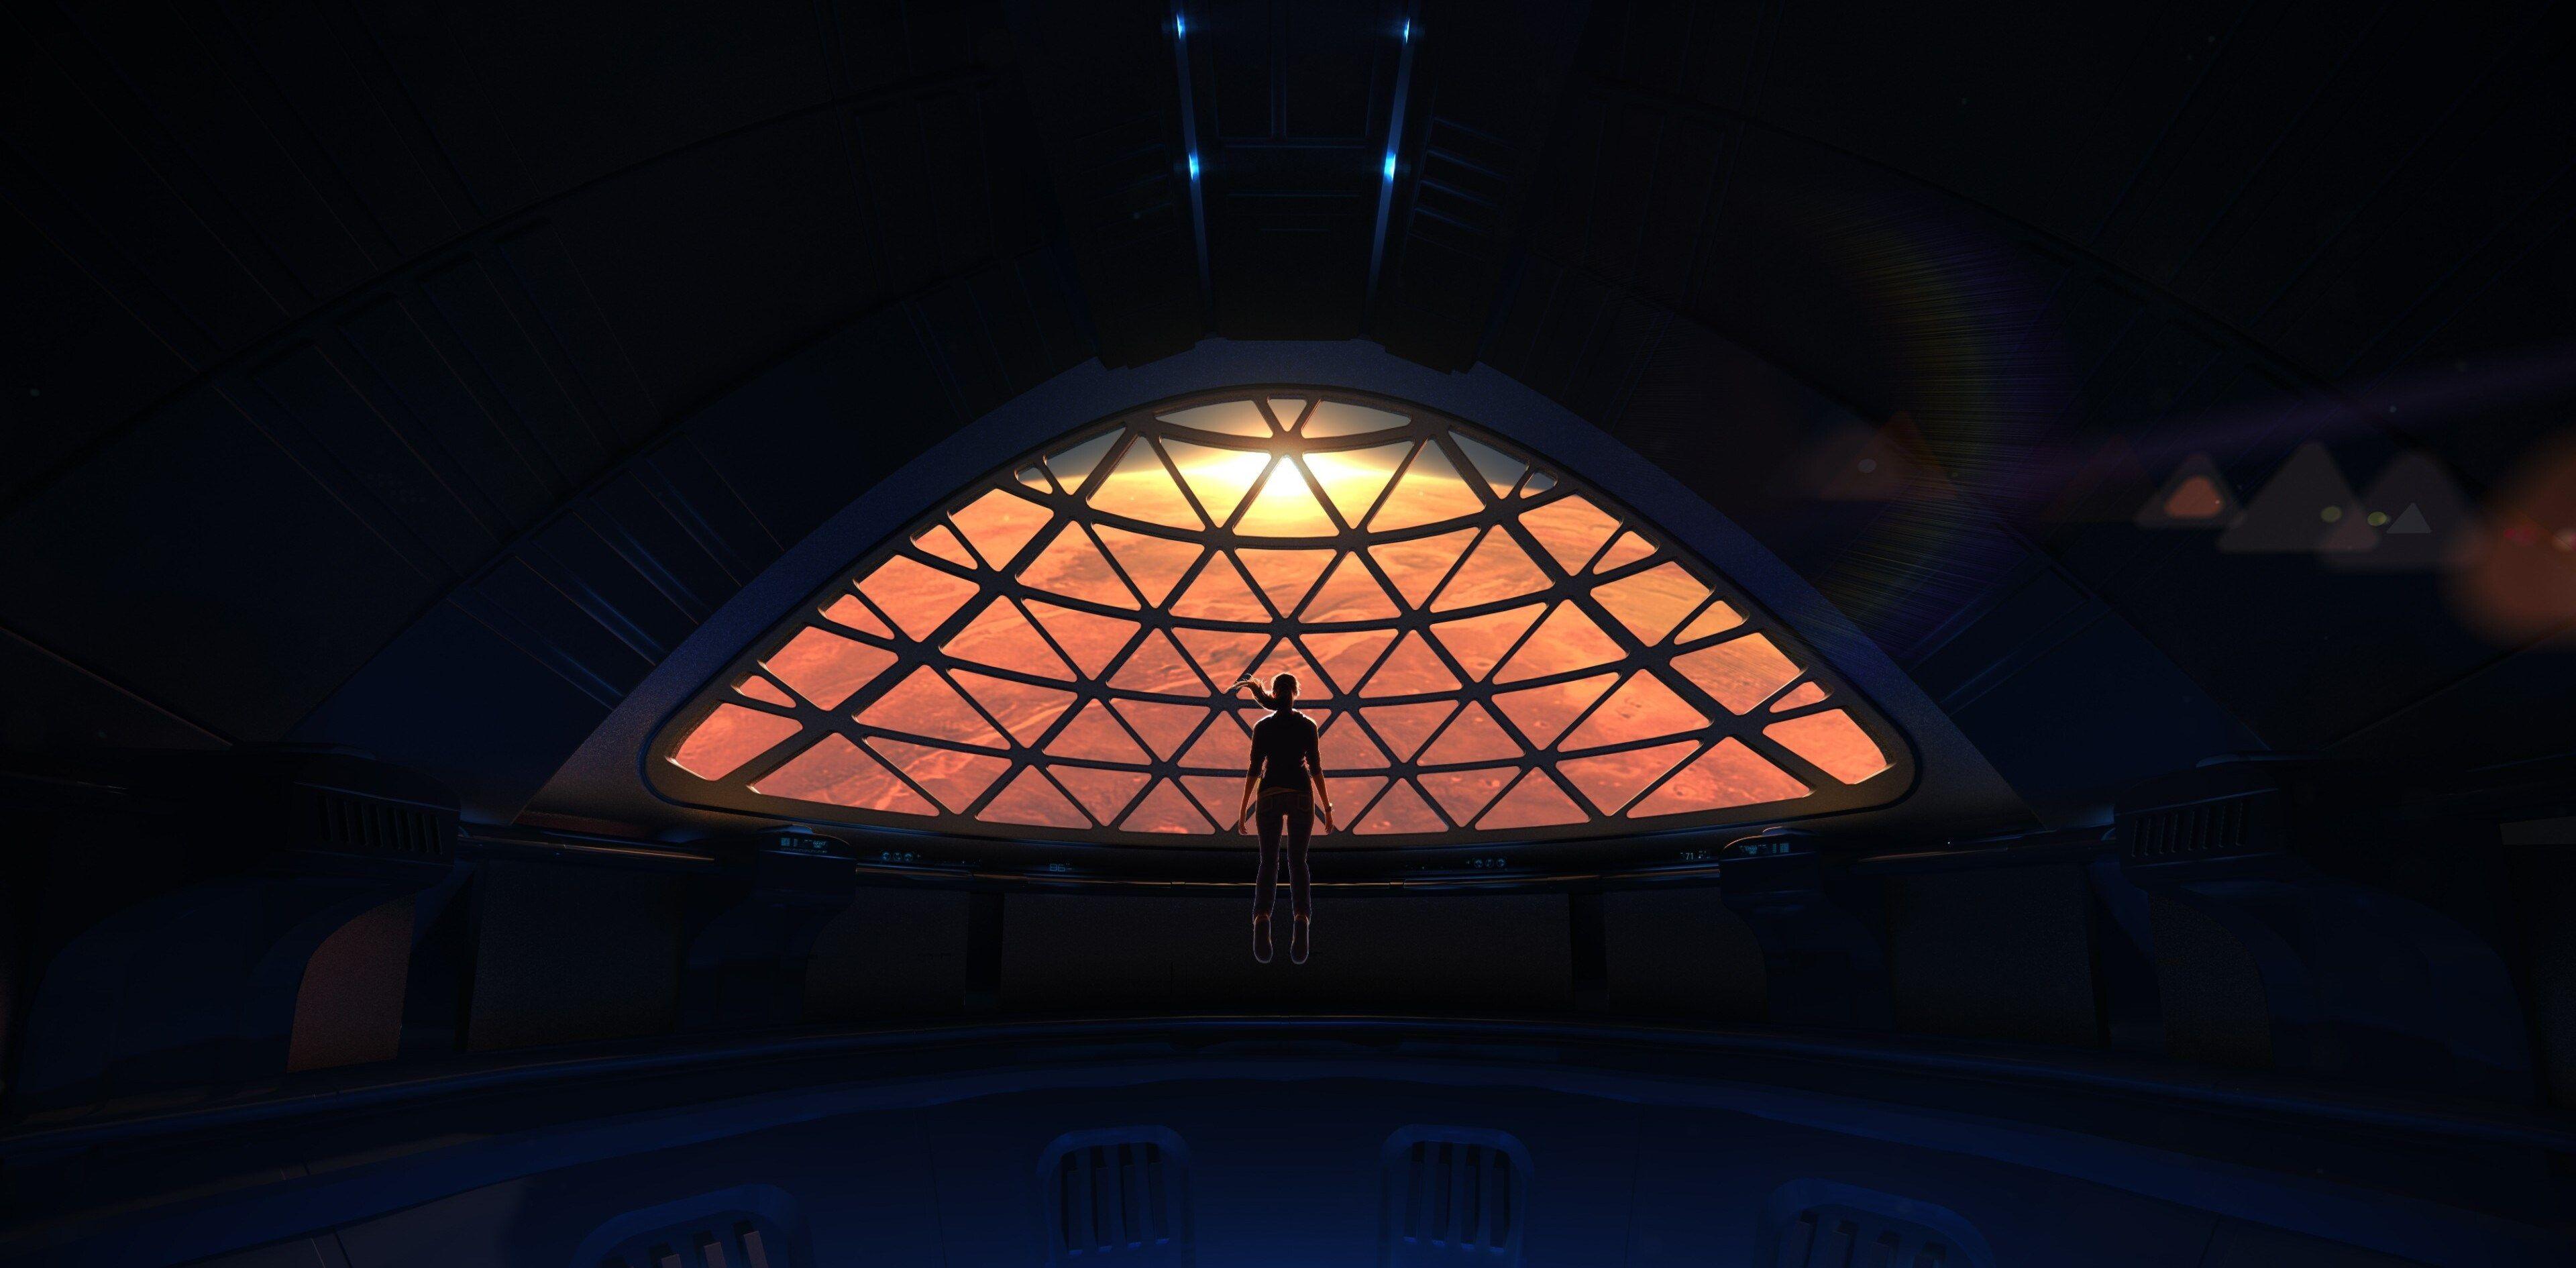 3840x1890 Mars 4k Wallpaper Windows Spacex Hd Wallpaper Mission To Mars